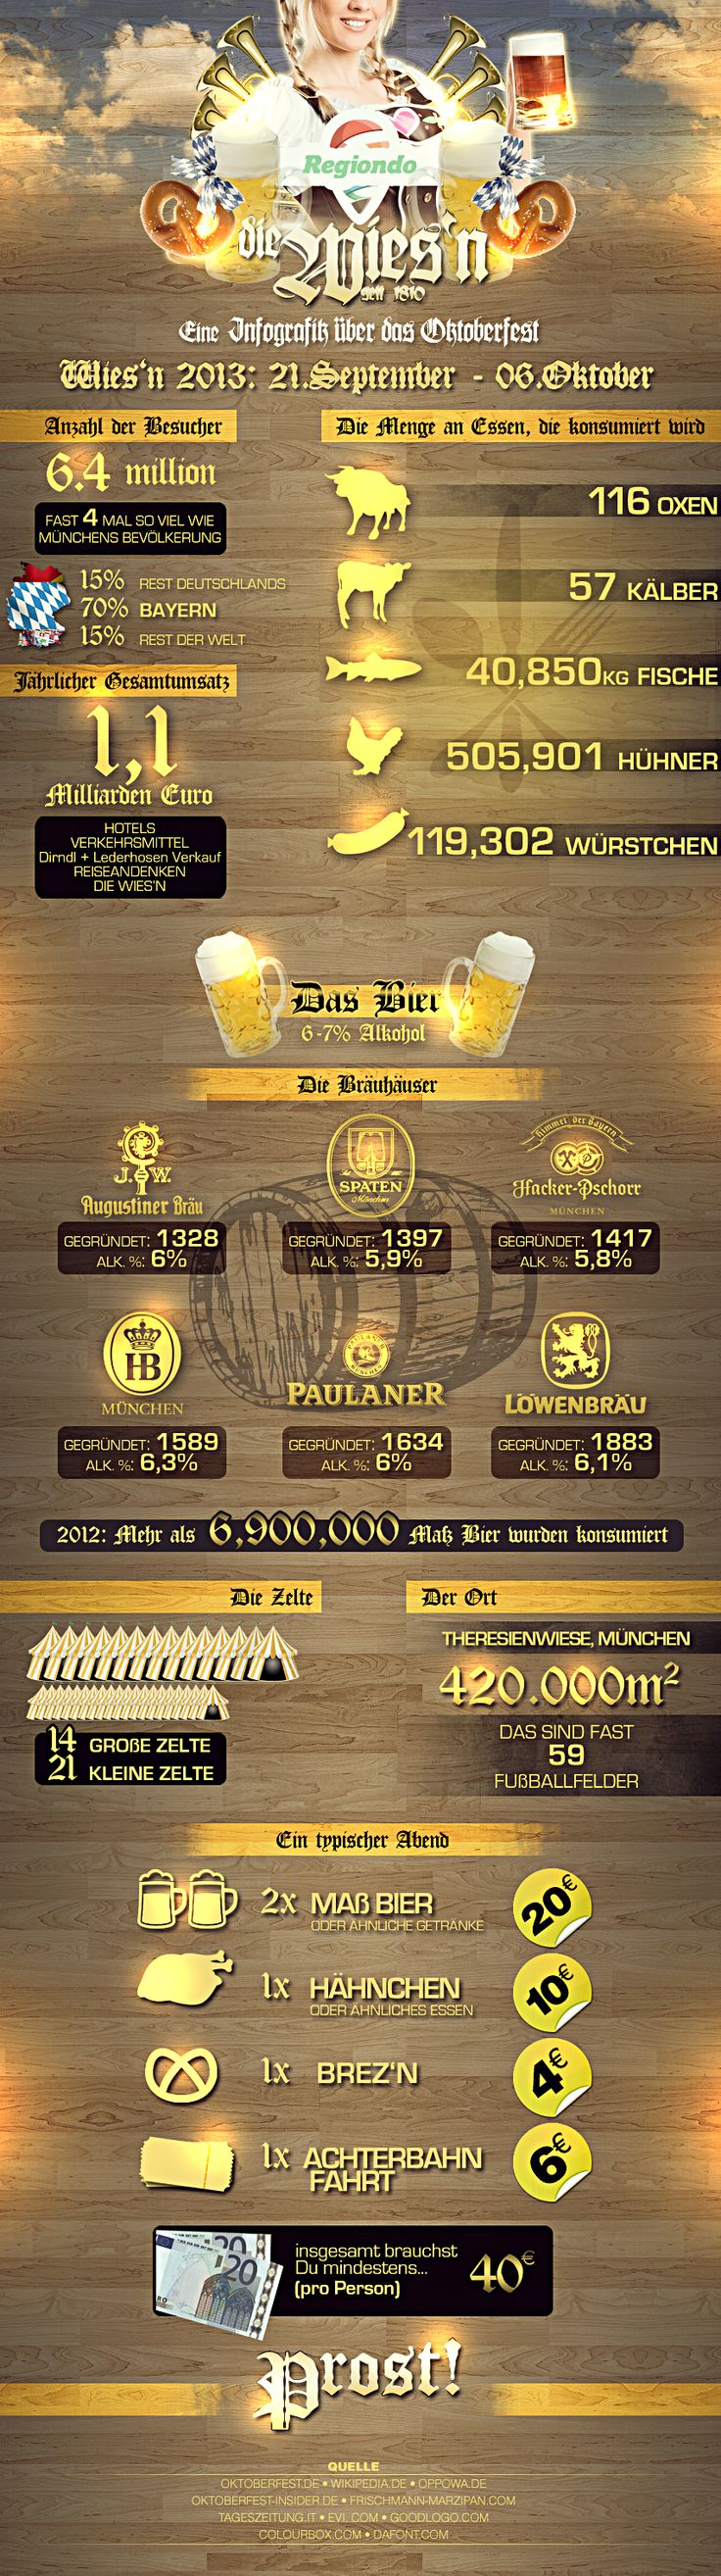 Oktoberfest 2013 - die wichtigsten Facts & Figures rund um das größte Bierfest der Welt in einer Infografik